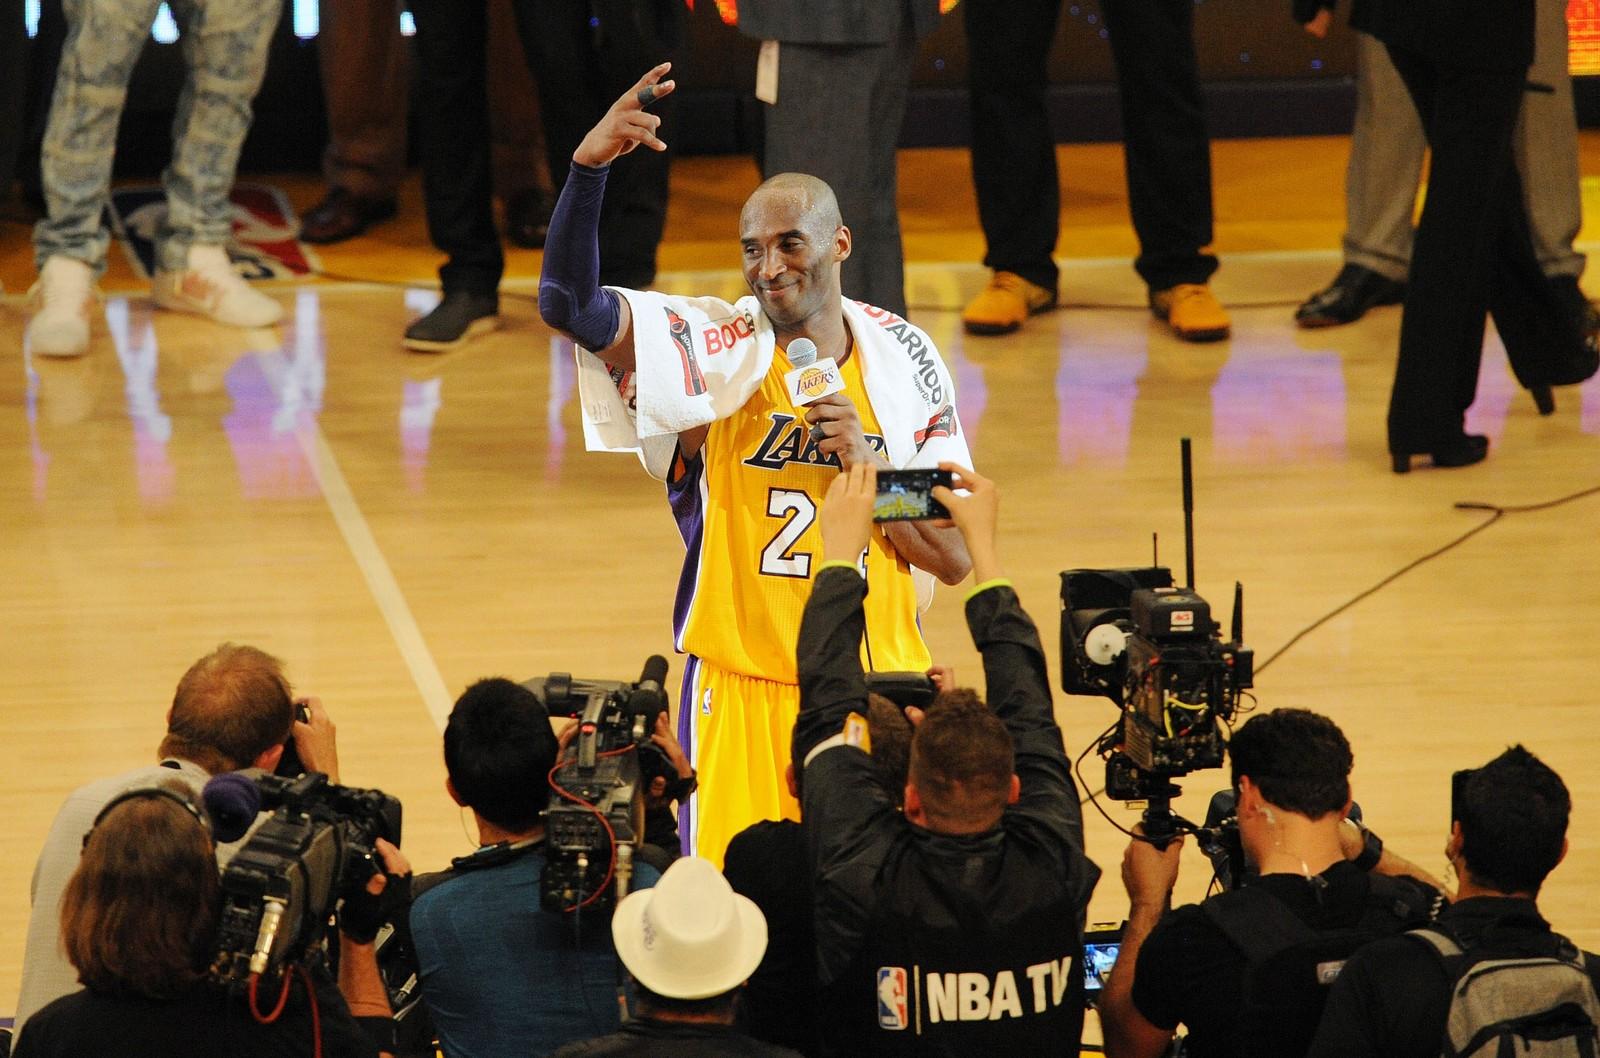 LEGGER OPP: Basketballspiller Kobe Bryant sa noen ord til publikum og pressen i pausen i kampen mellom Los Angeles Lakers og Utah Jazz i Staples Center i Los Angeles. Onsdagens kamp var den aller siste i karrieren for Bryant. Lakers vant kampen 101-96.